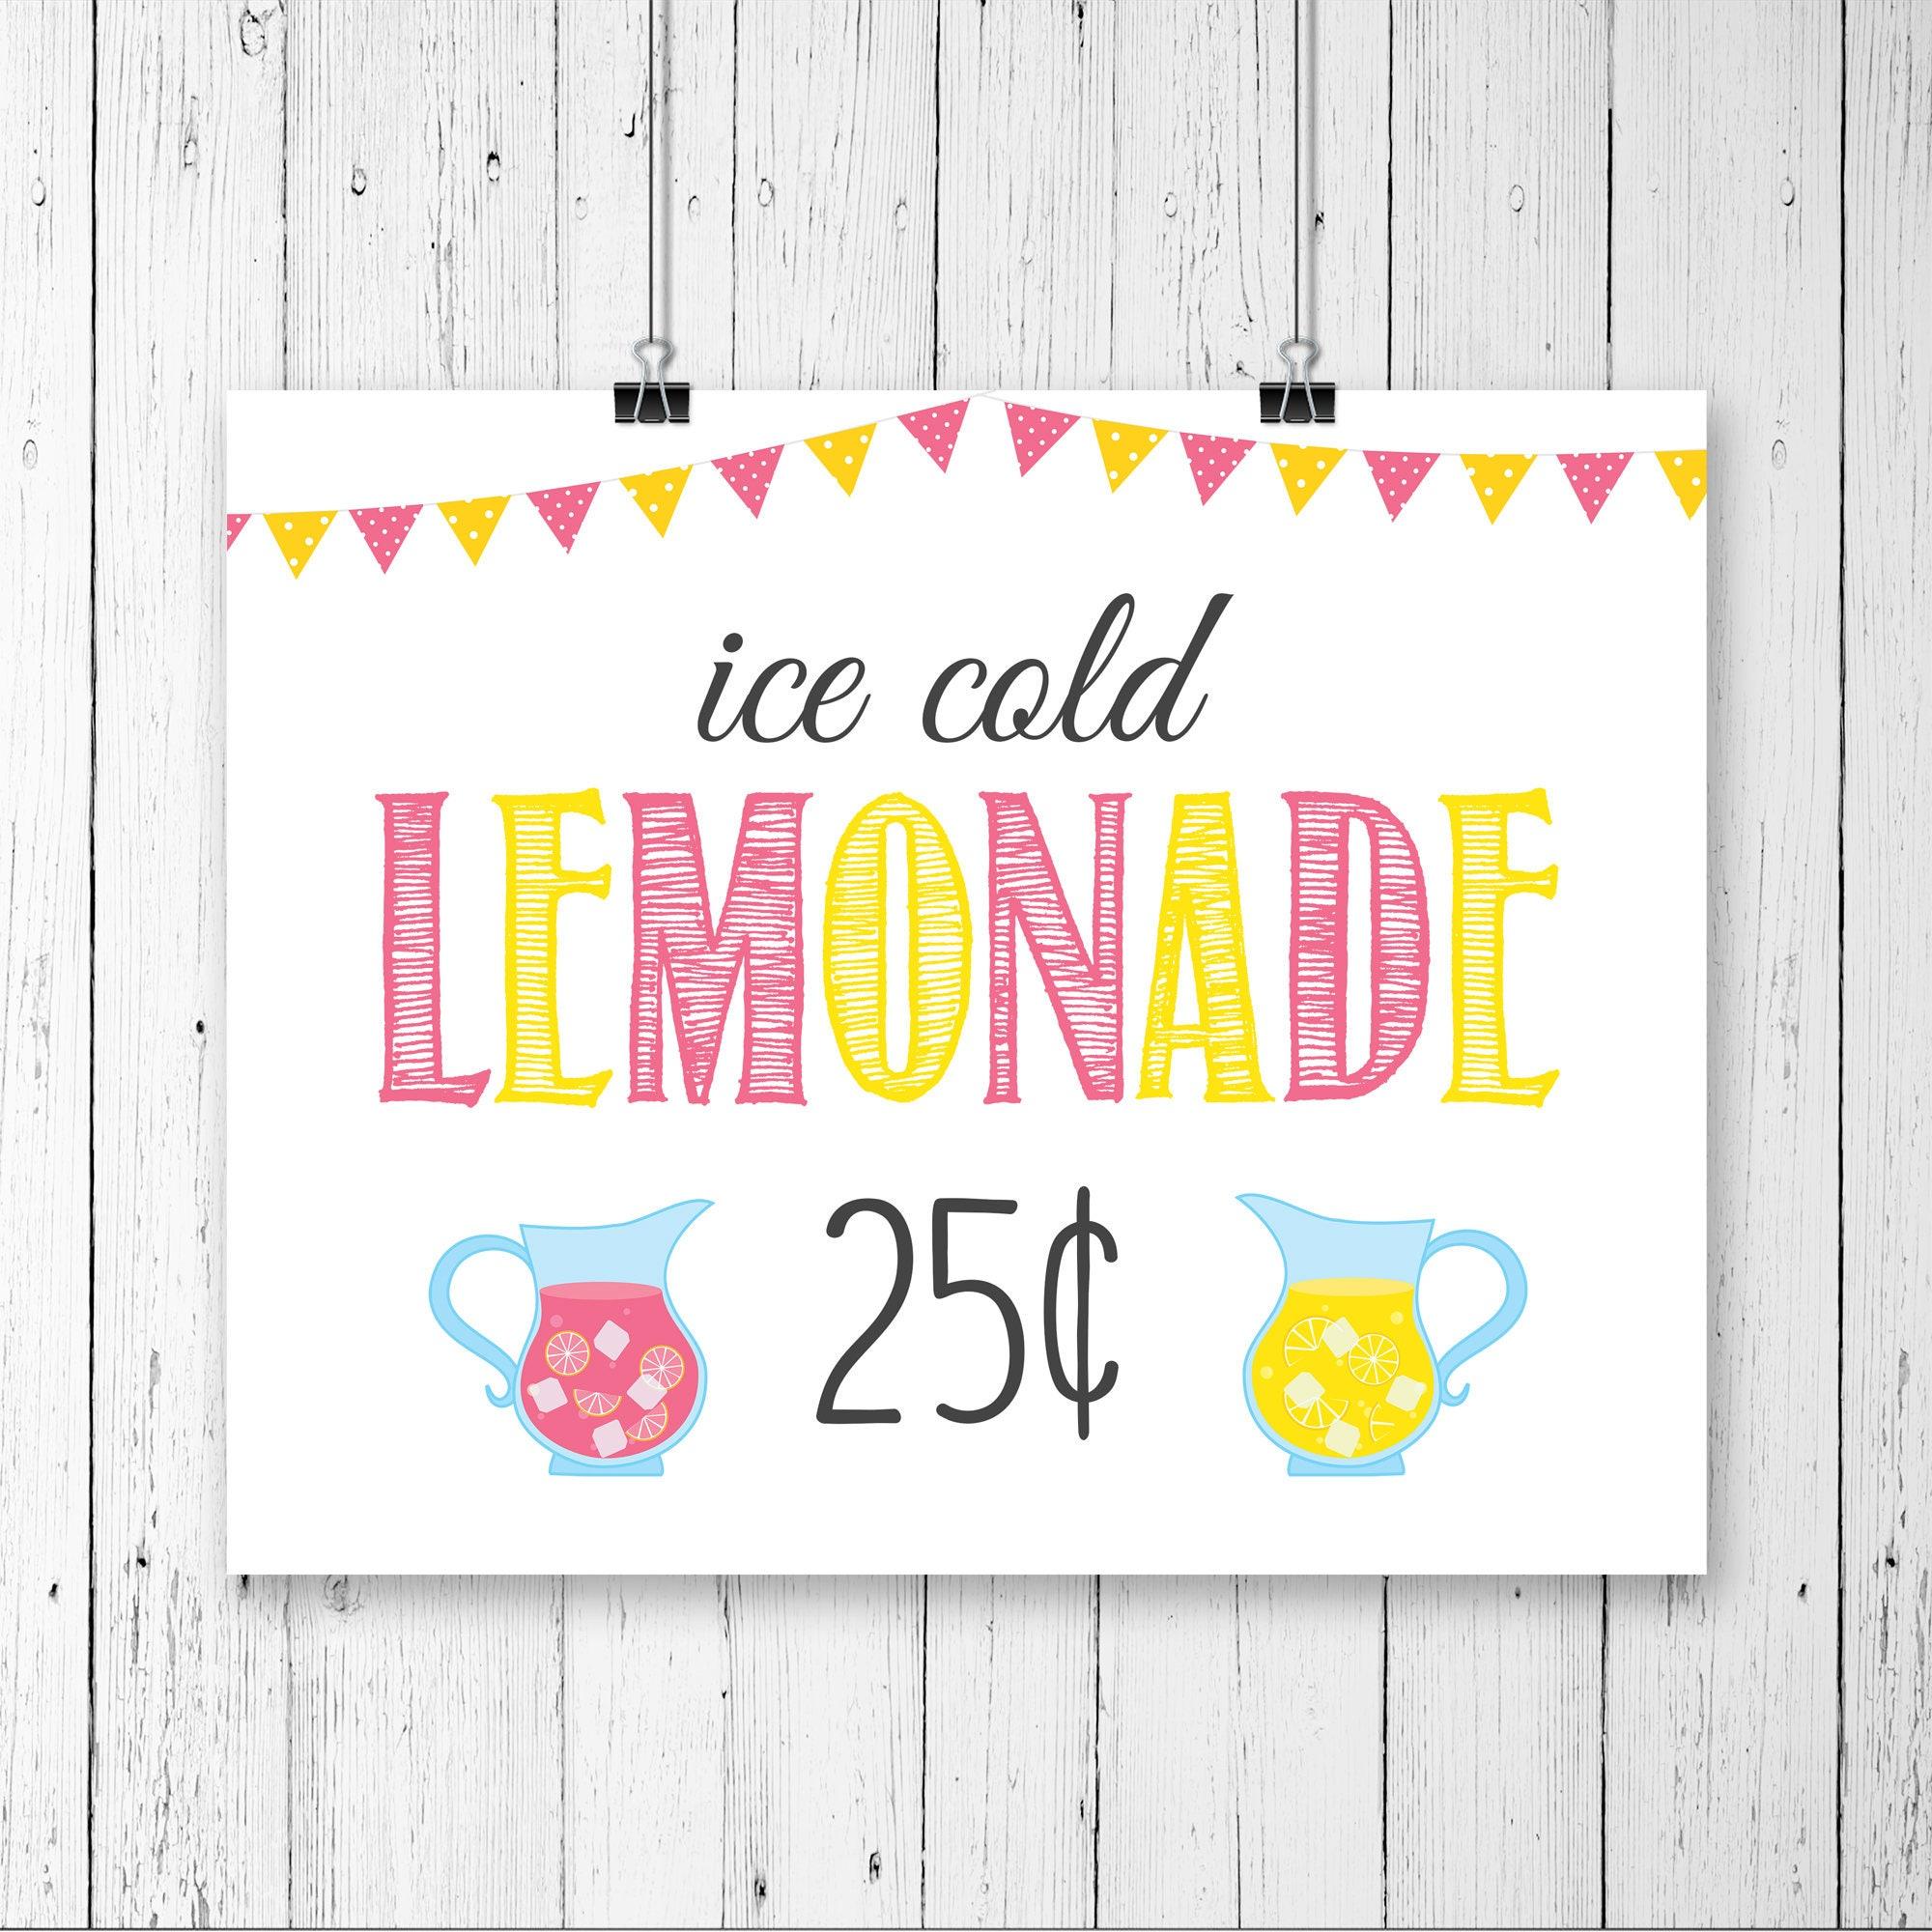 Printable Lemonade Stand Sign 25 cents Pink Lemonade IceLemonade Sign